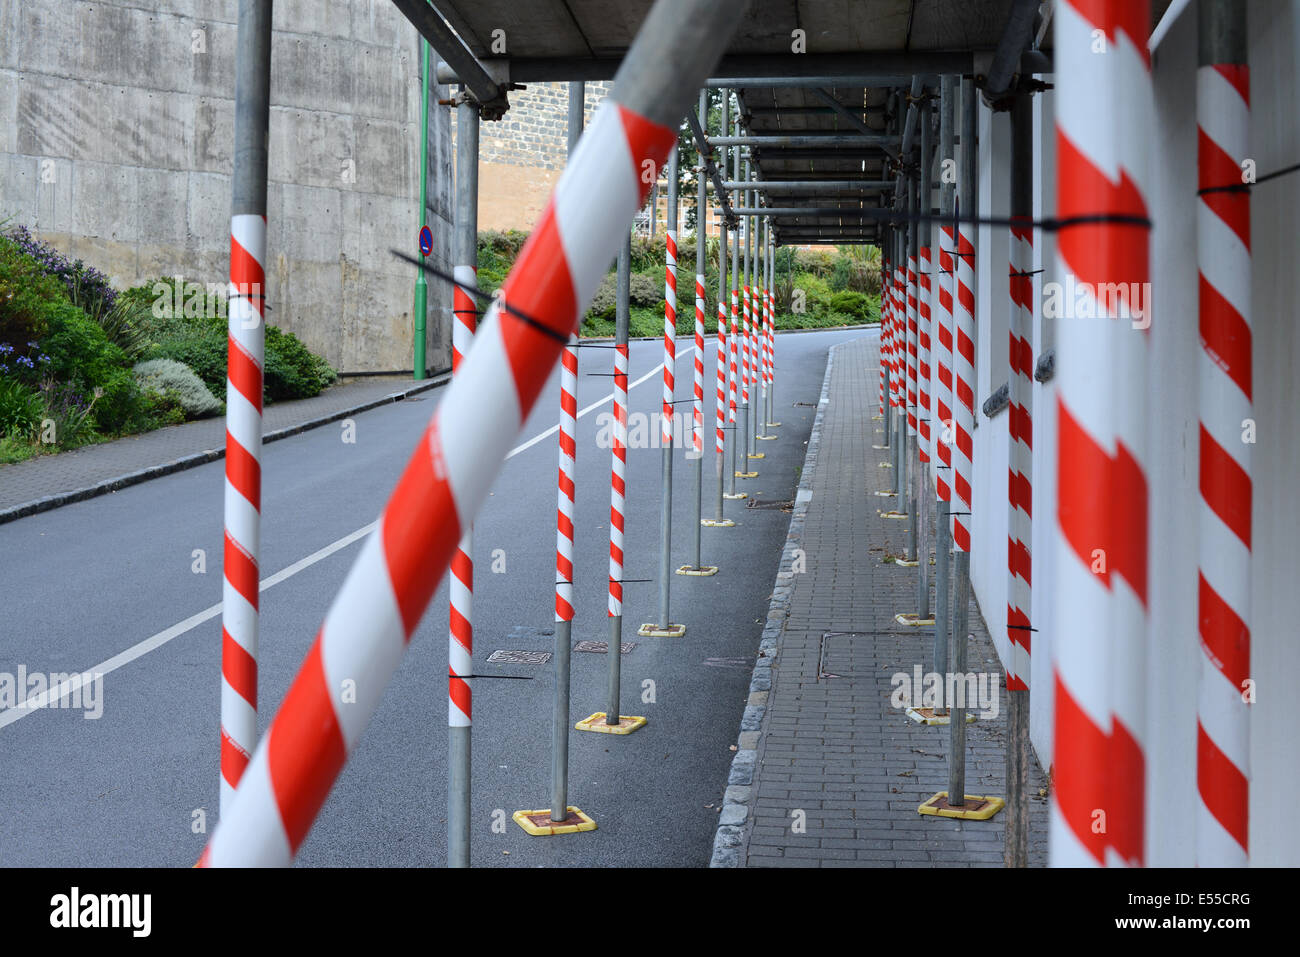 Ponteggio bloccando il marciapiede avvolto in nastro di avvertimento pericolo Immagini Stock